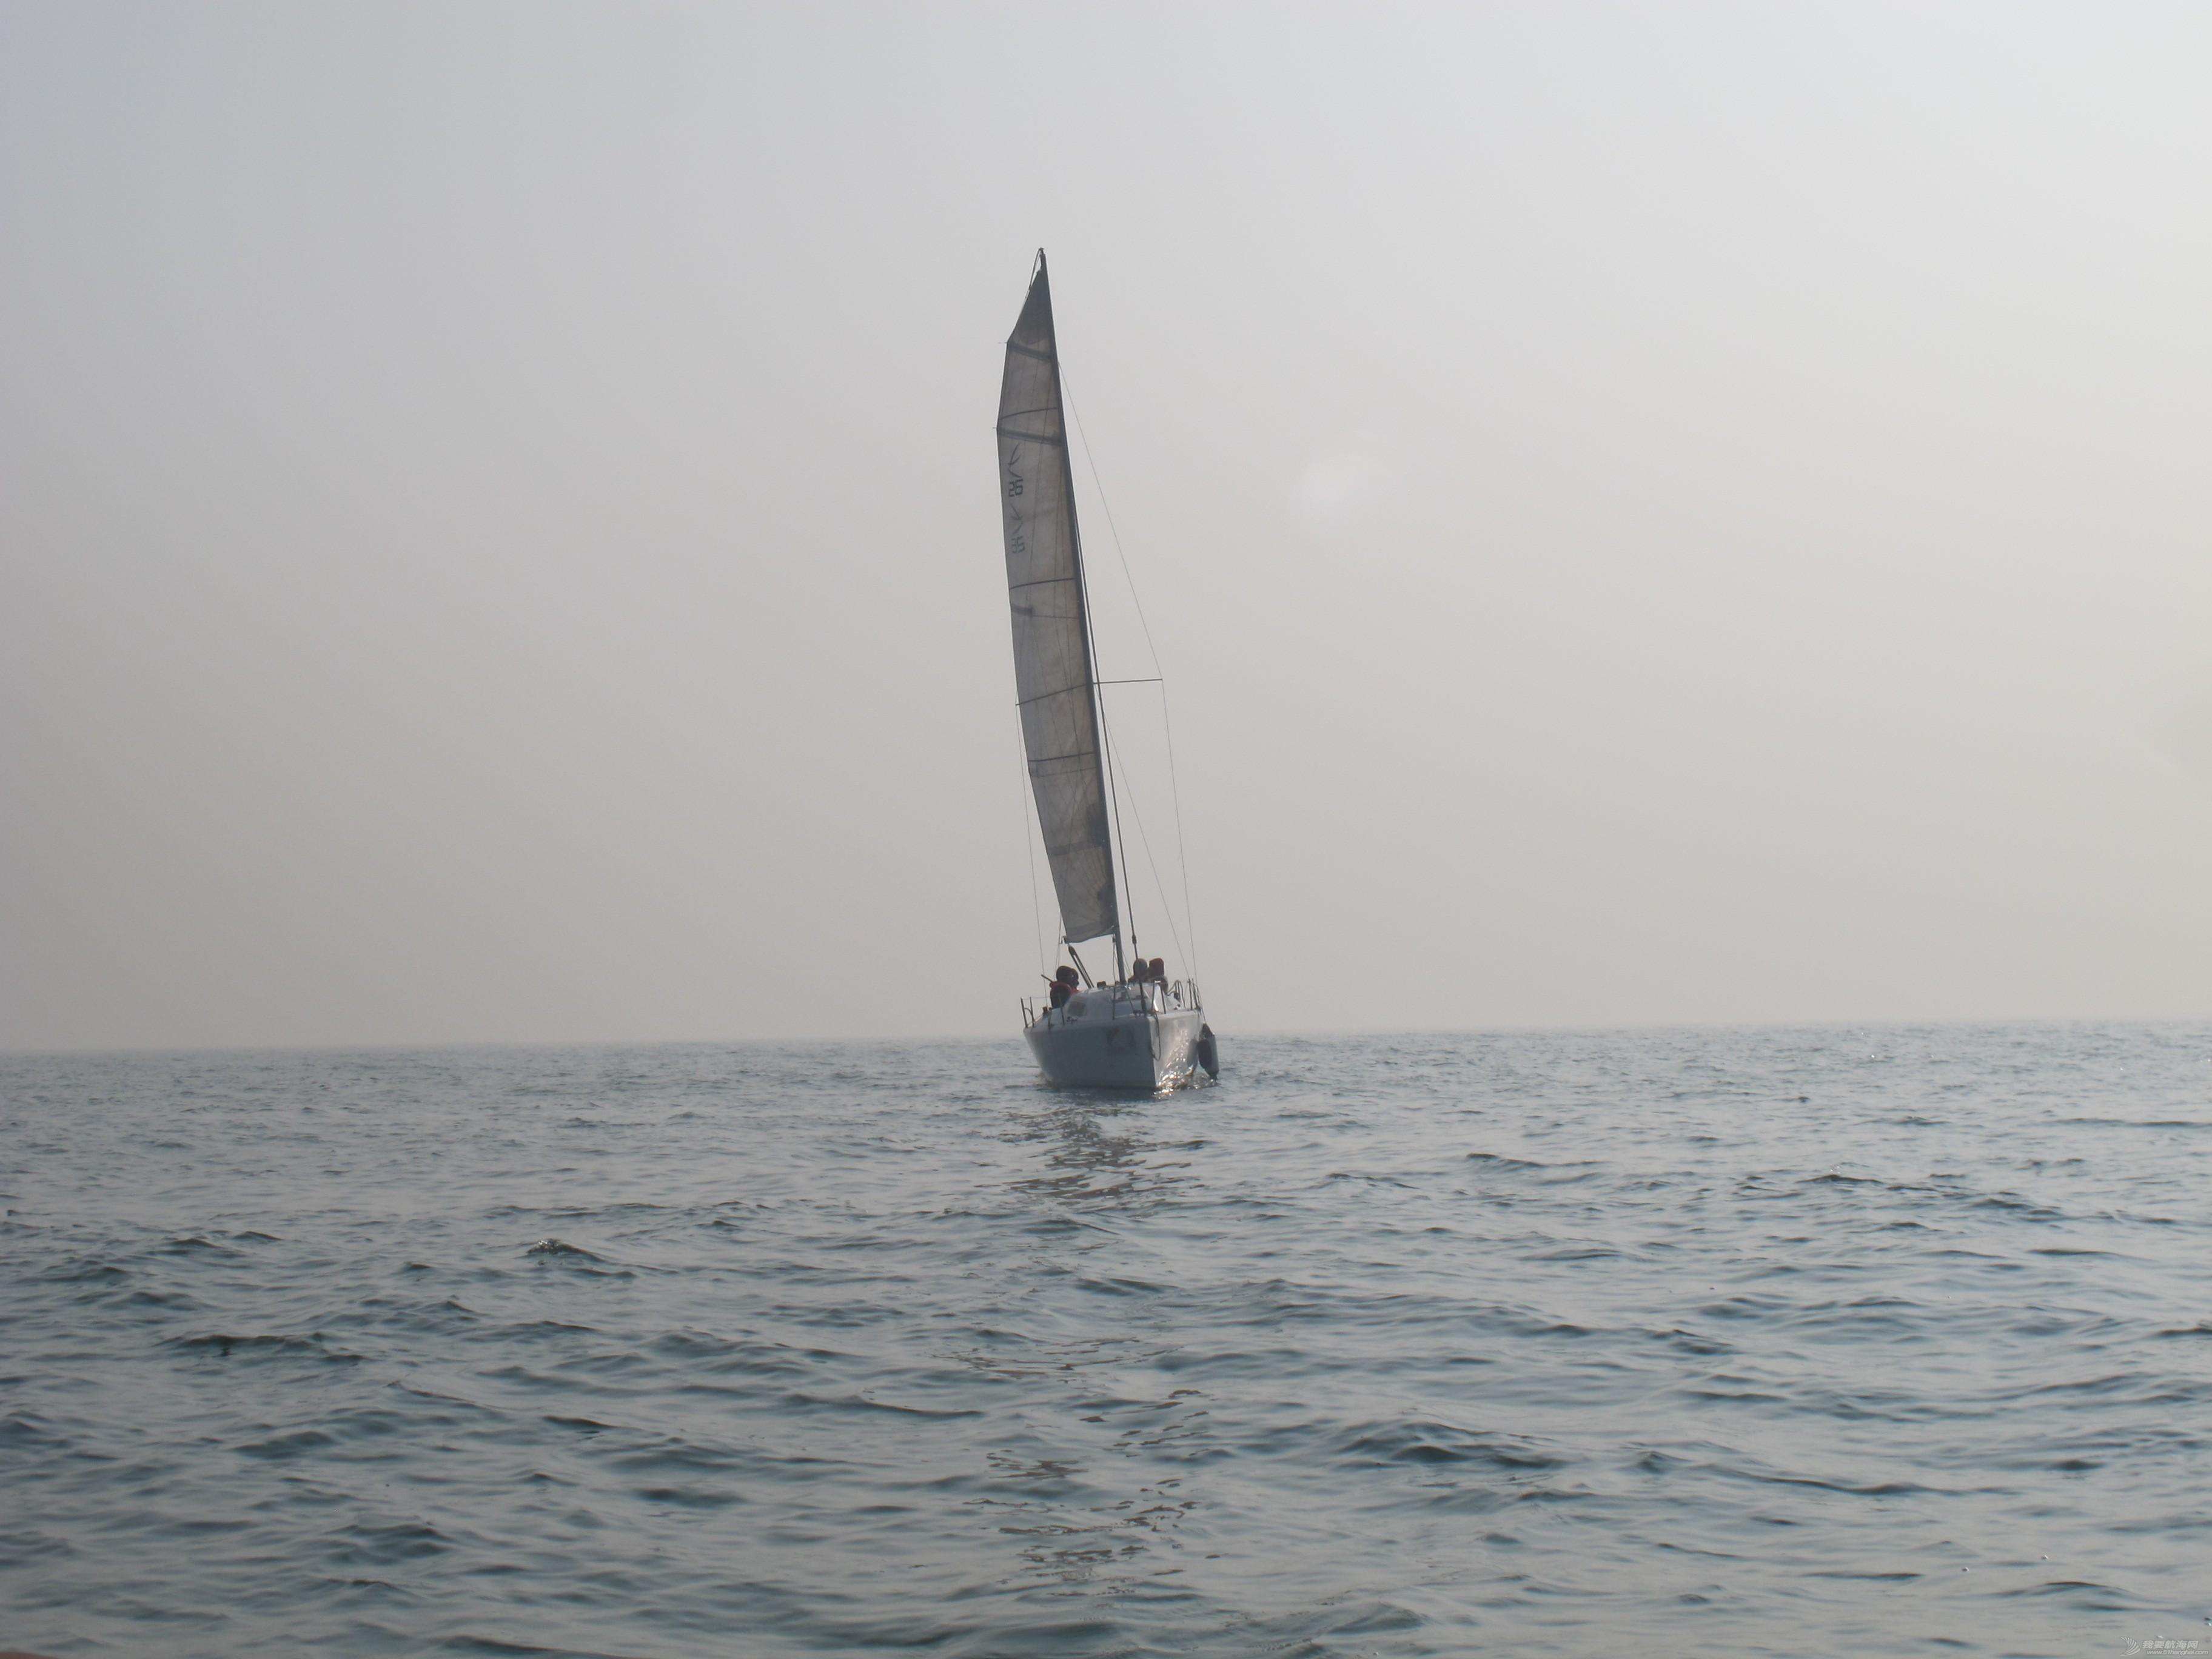 帆船 免费航海不是梦…我是十四期学员(我要去航海/全民公益航海帆船训练) IMG_7941.JPG